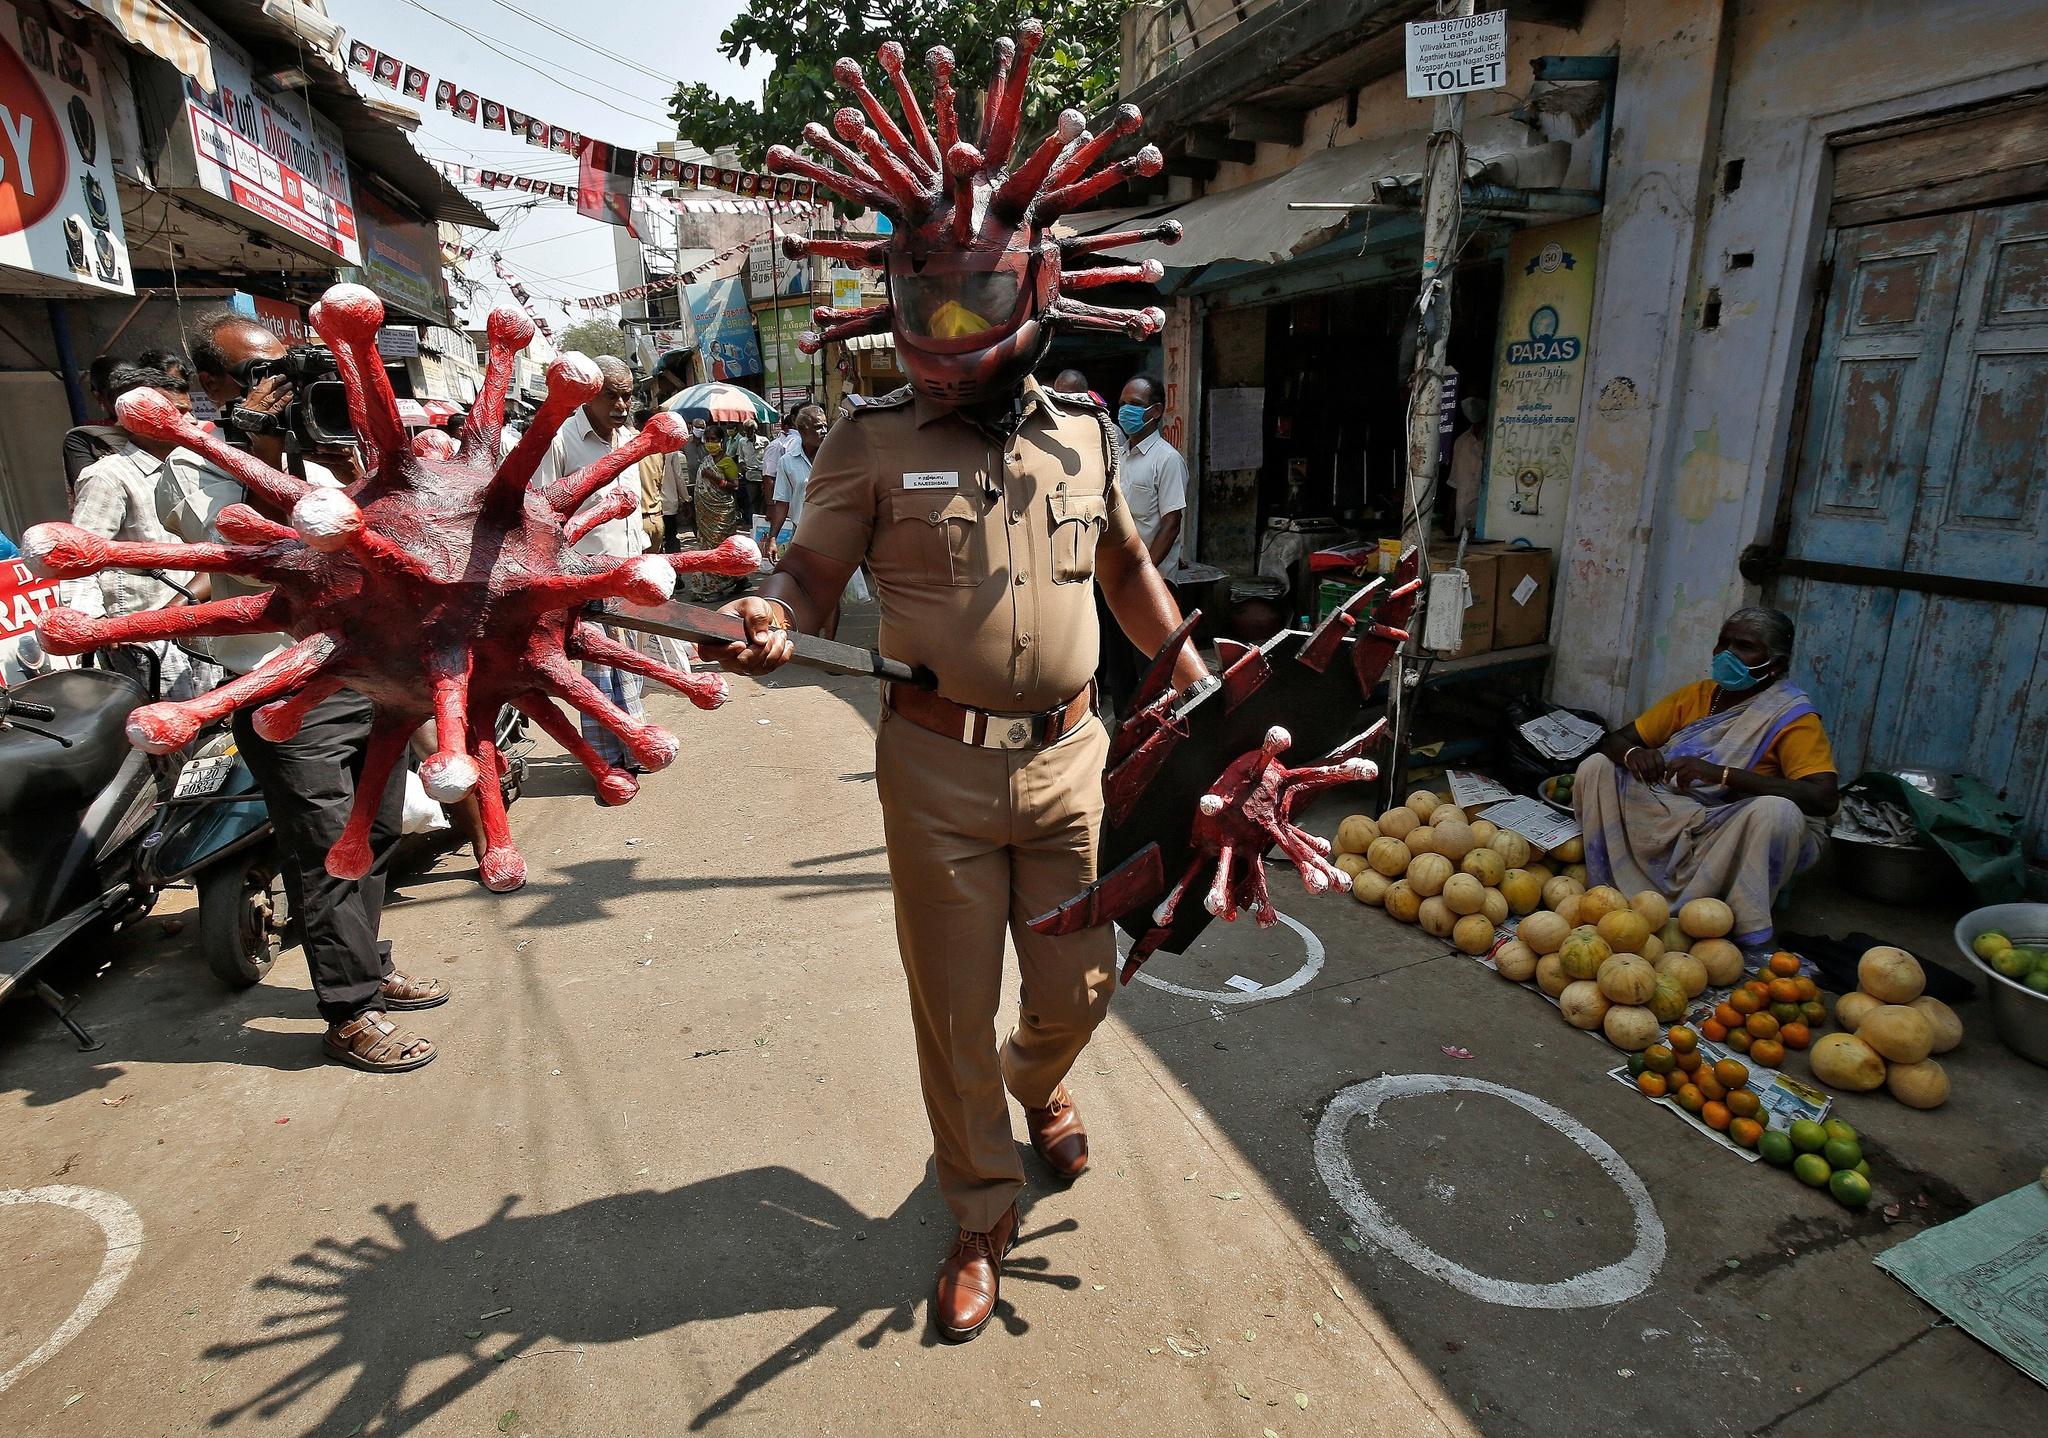 Cảnh sát Ấn Độ 'cosplay' virus corona để nhắc người dân chấp hành phong tỏa chống dịch Covid-19